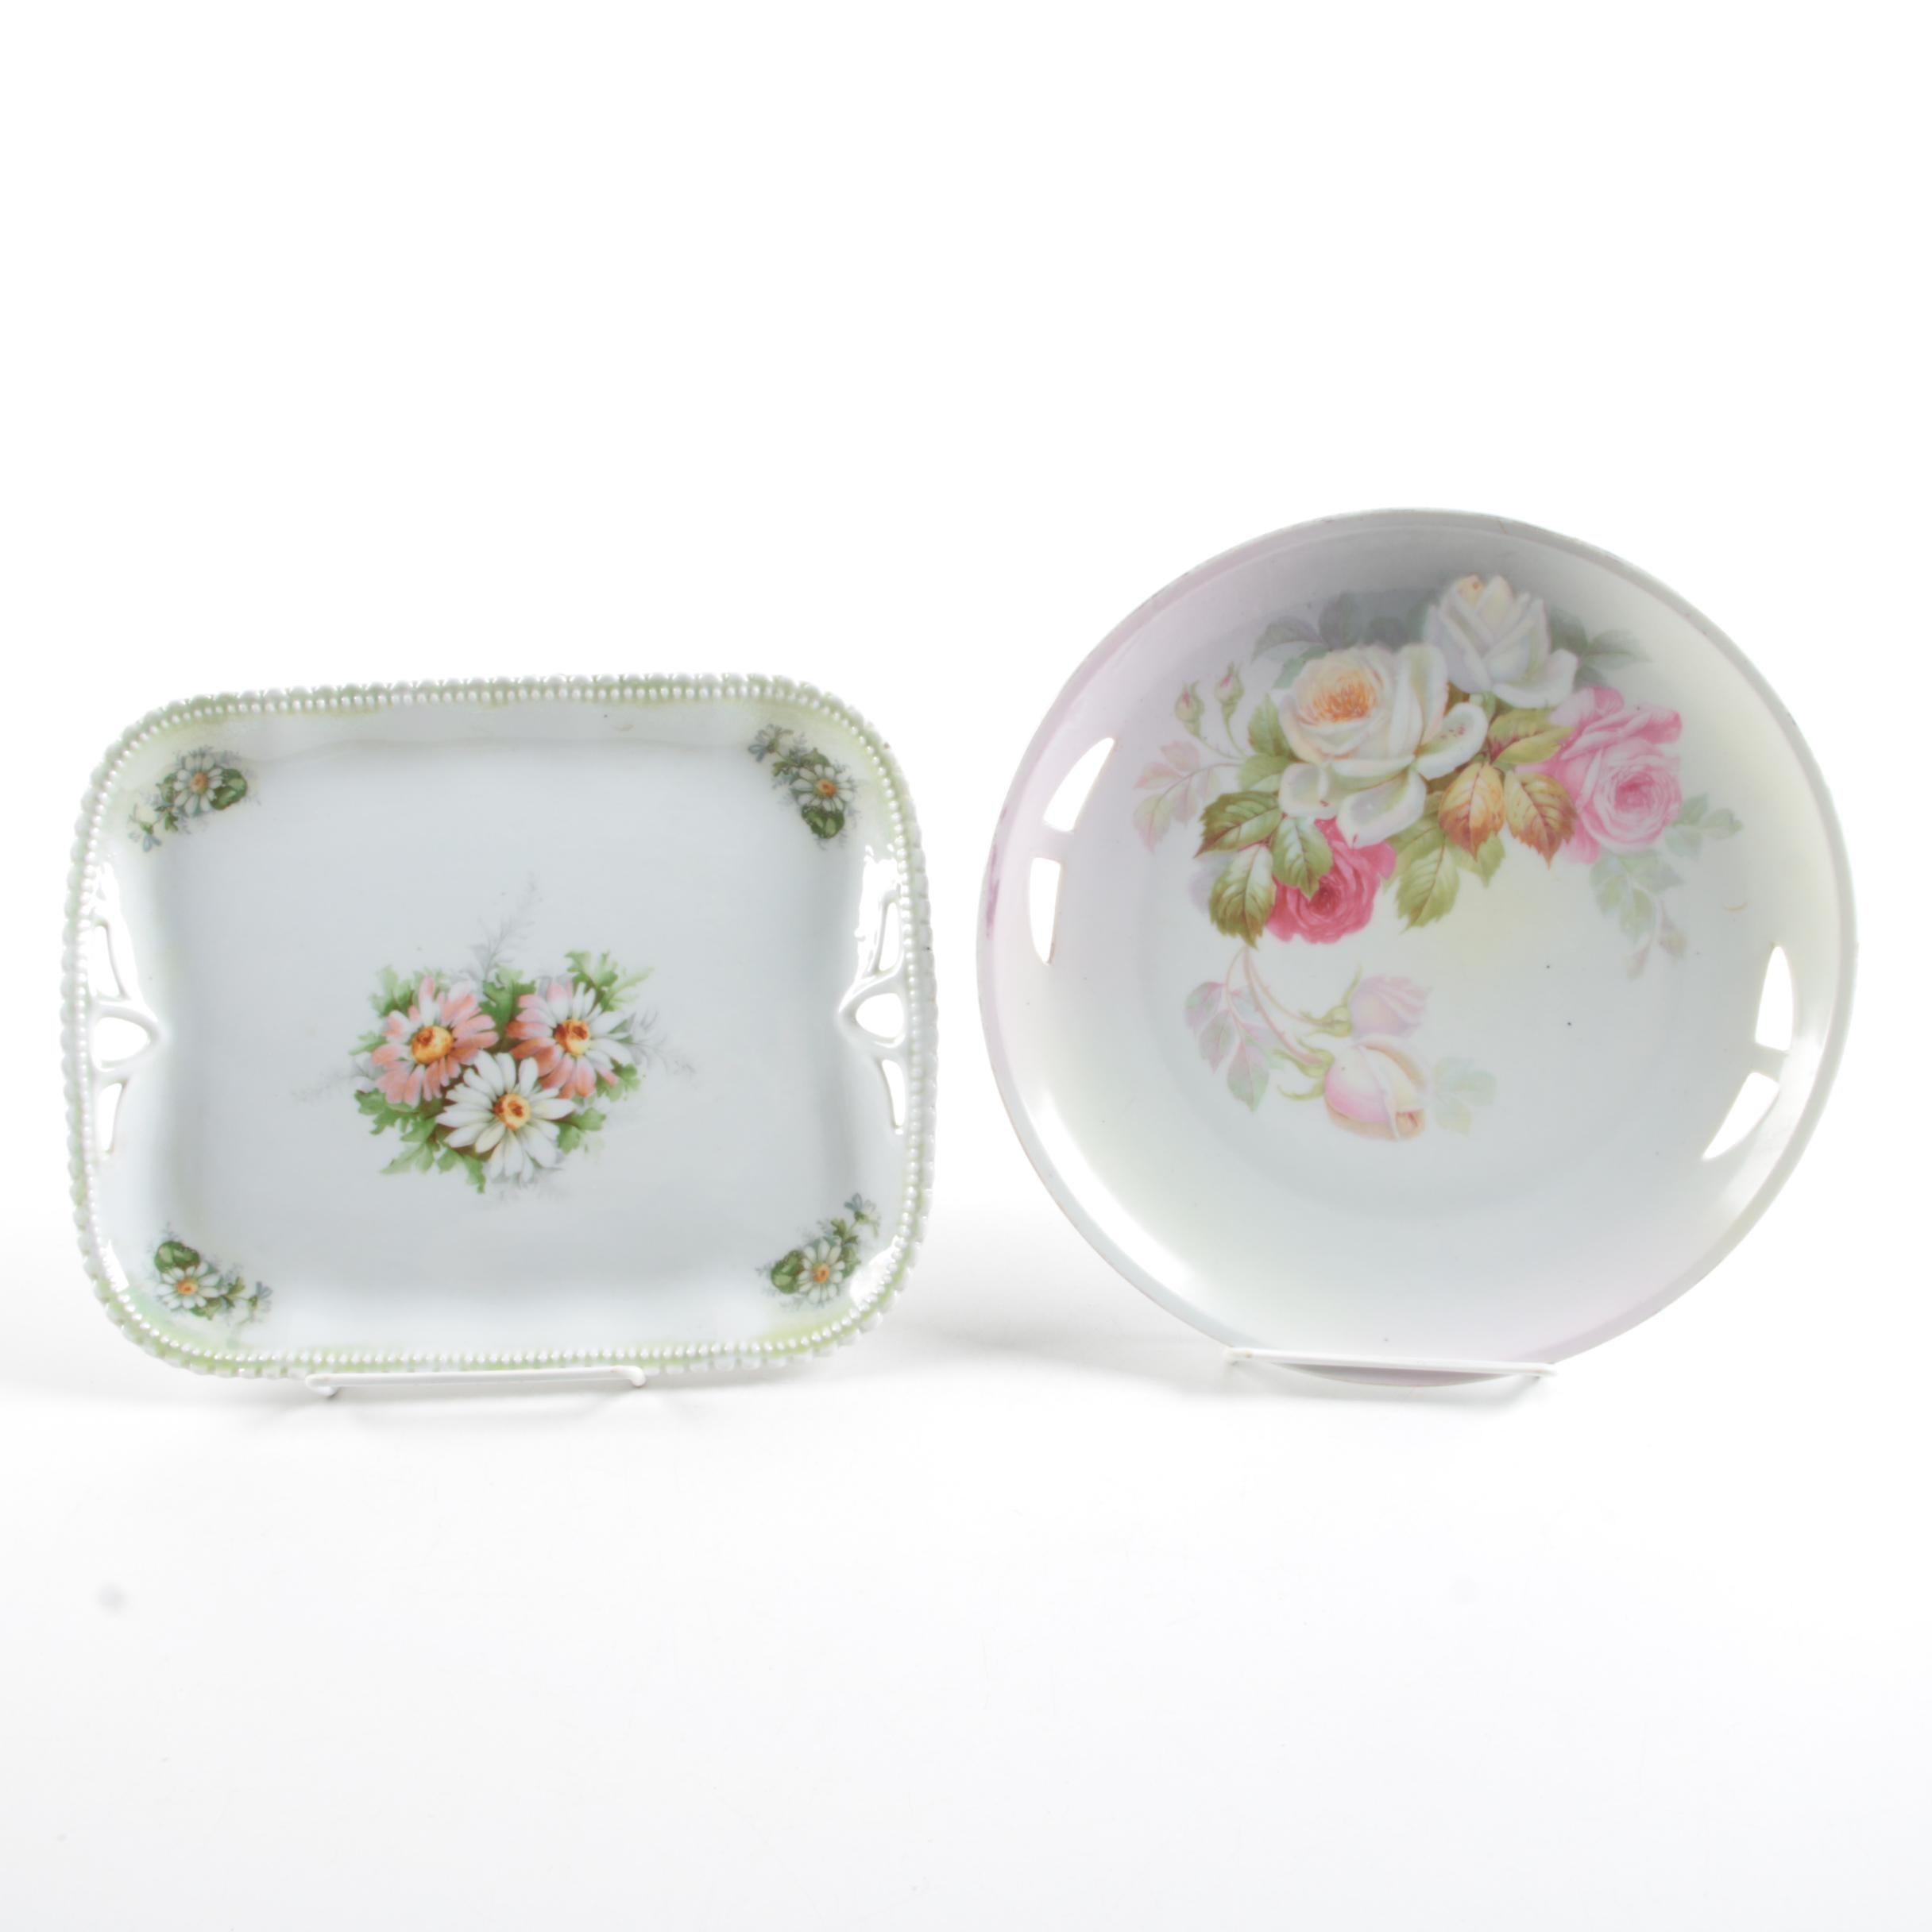 P.K. Silesia Porcelain Rectangiular Platter